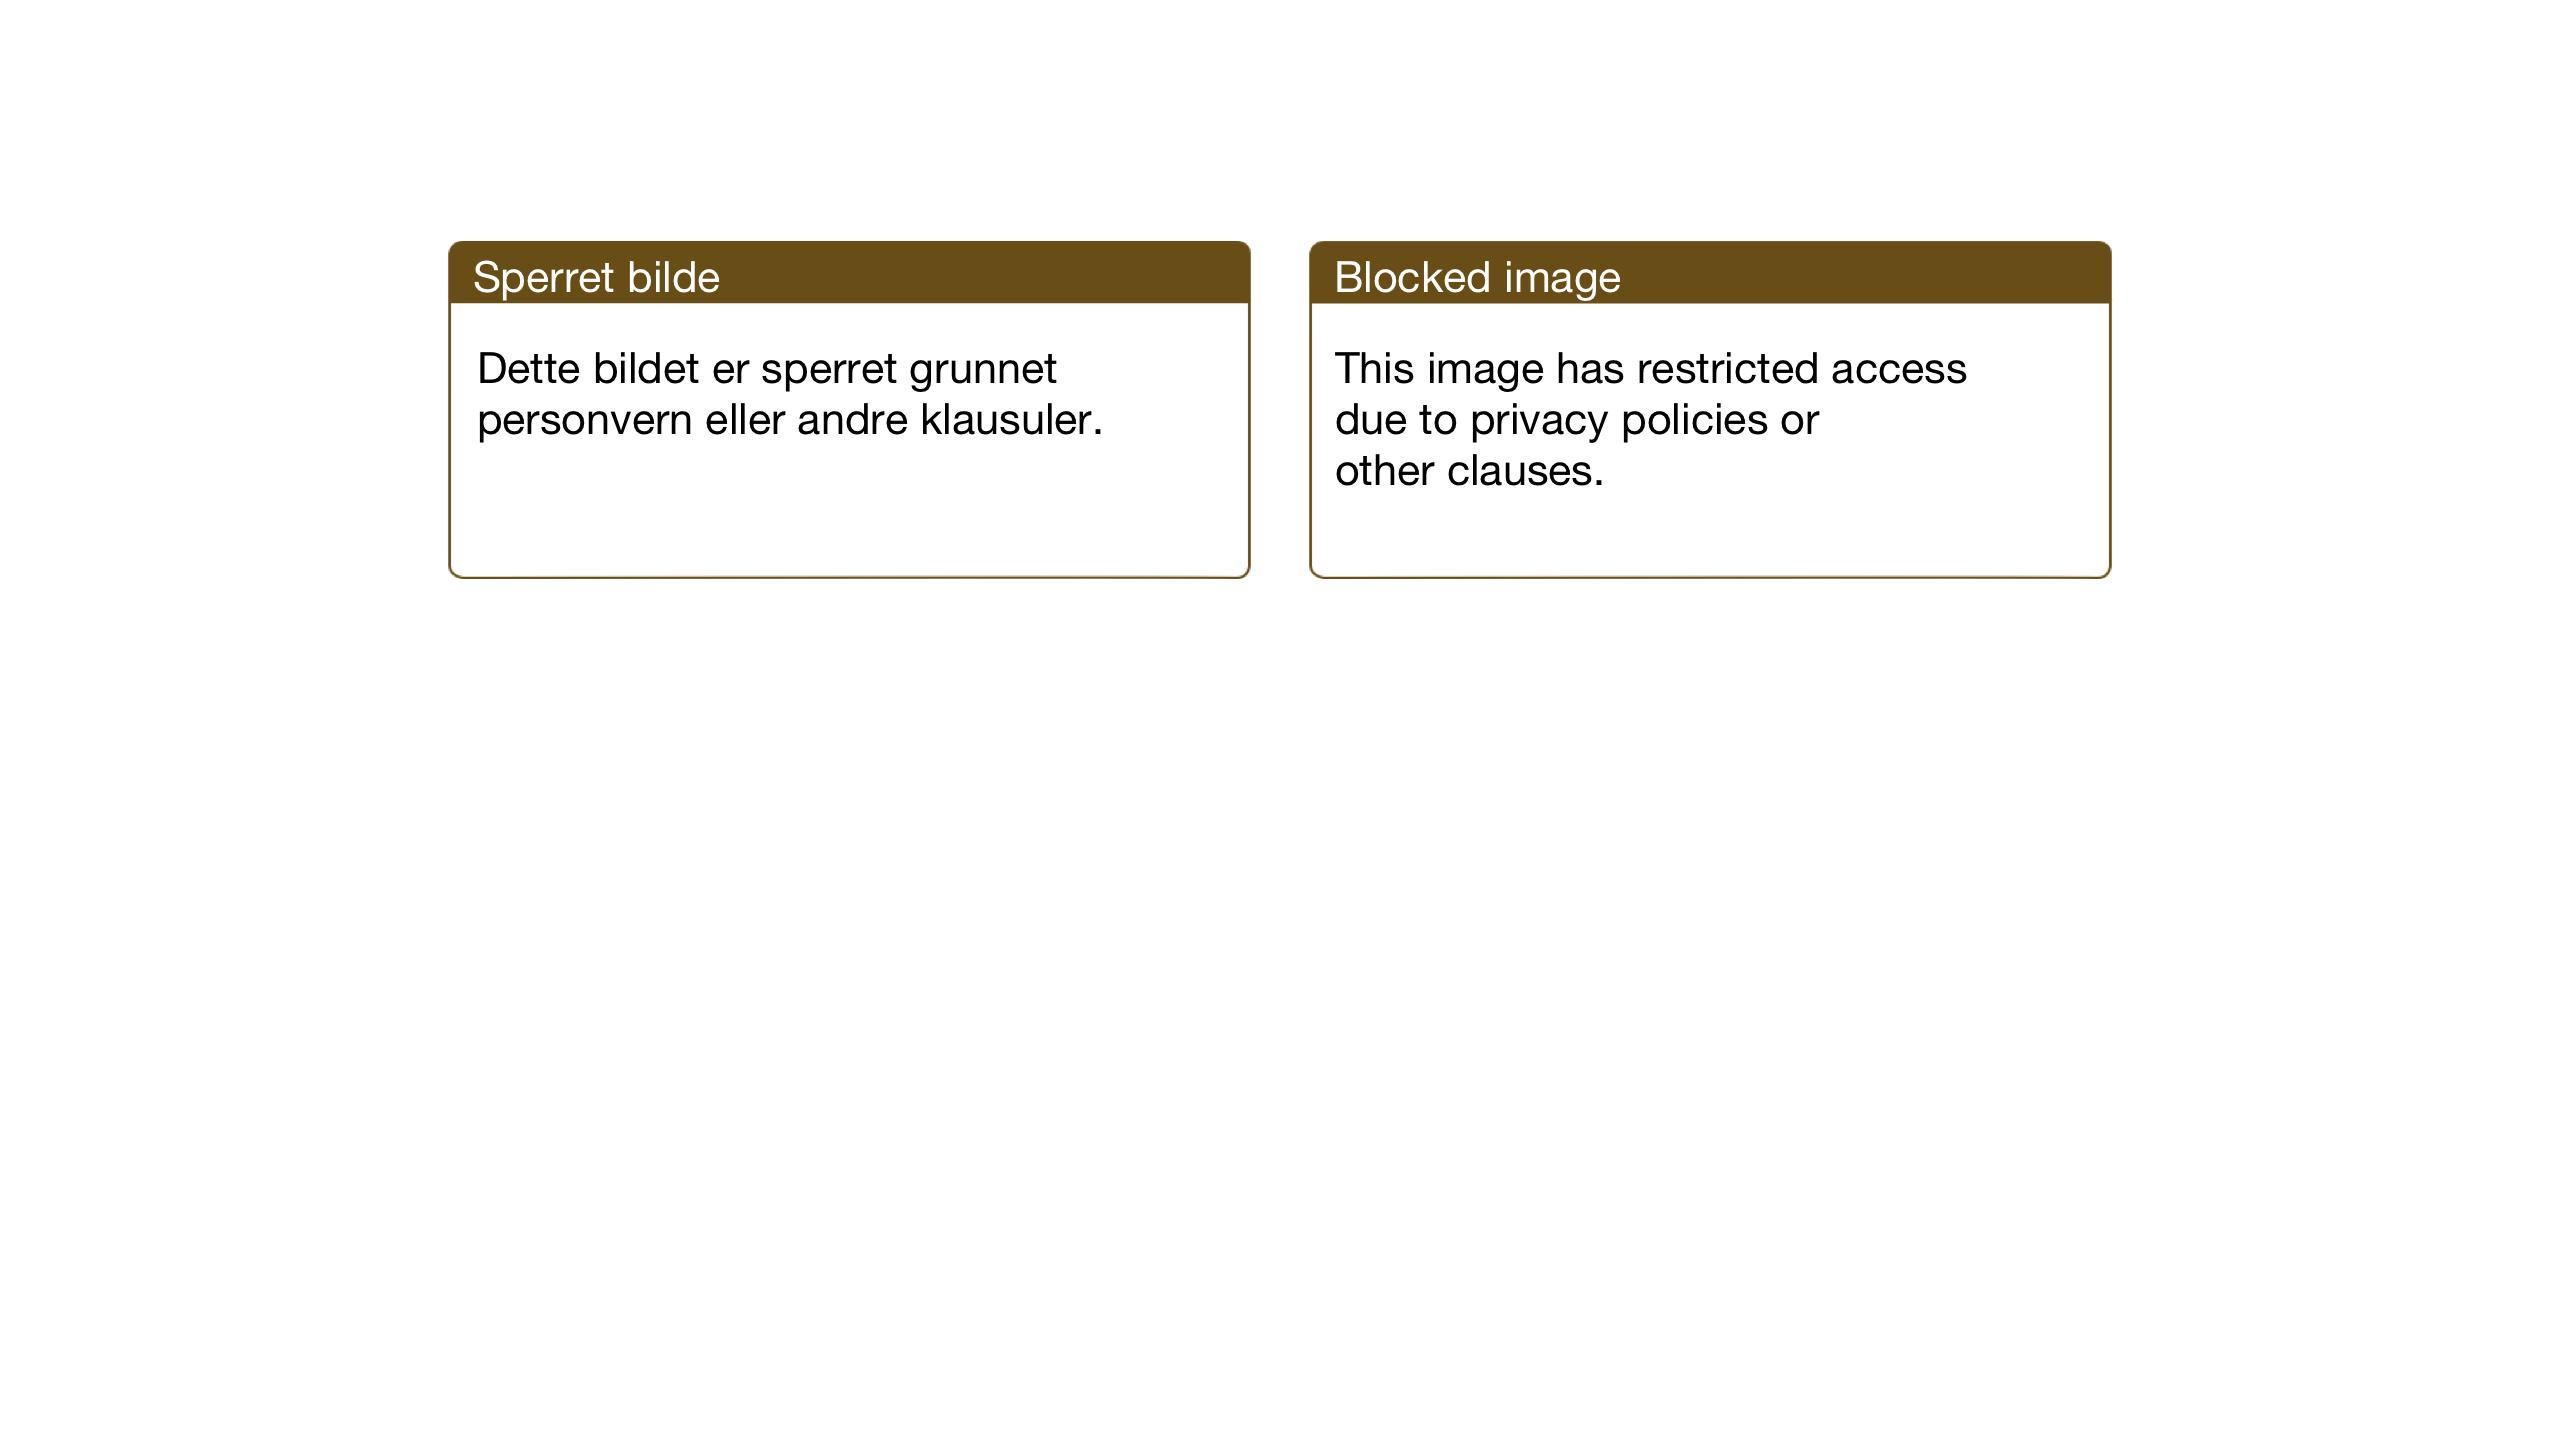 SAT, Ministerialprotokoller, klokkerbøker og fødselsregistre - Sør-Trøndelag, 611/L0357: Klokkerbok nr. 611C05, 1938-1942, s. 5